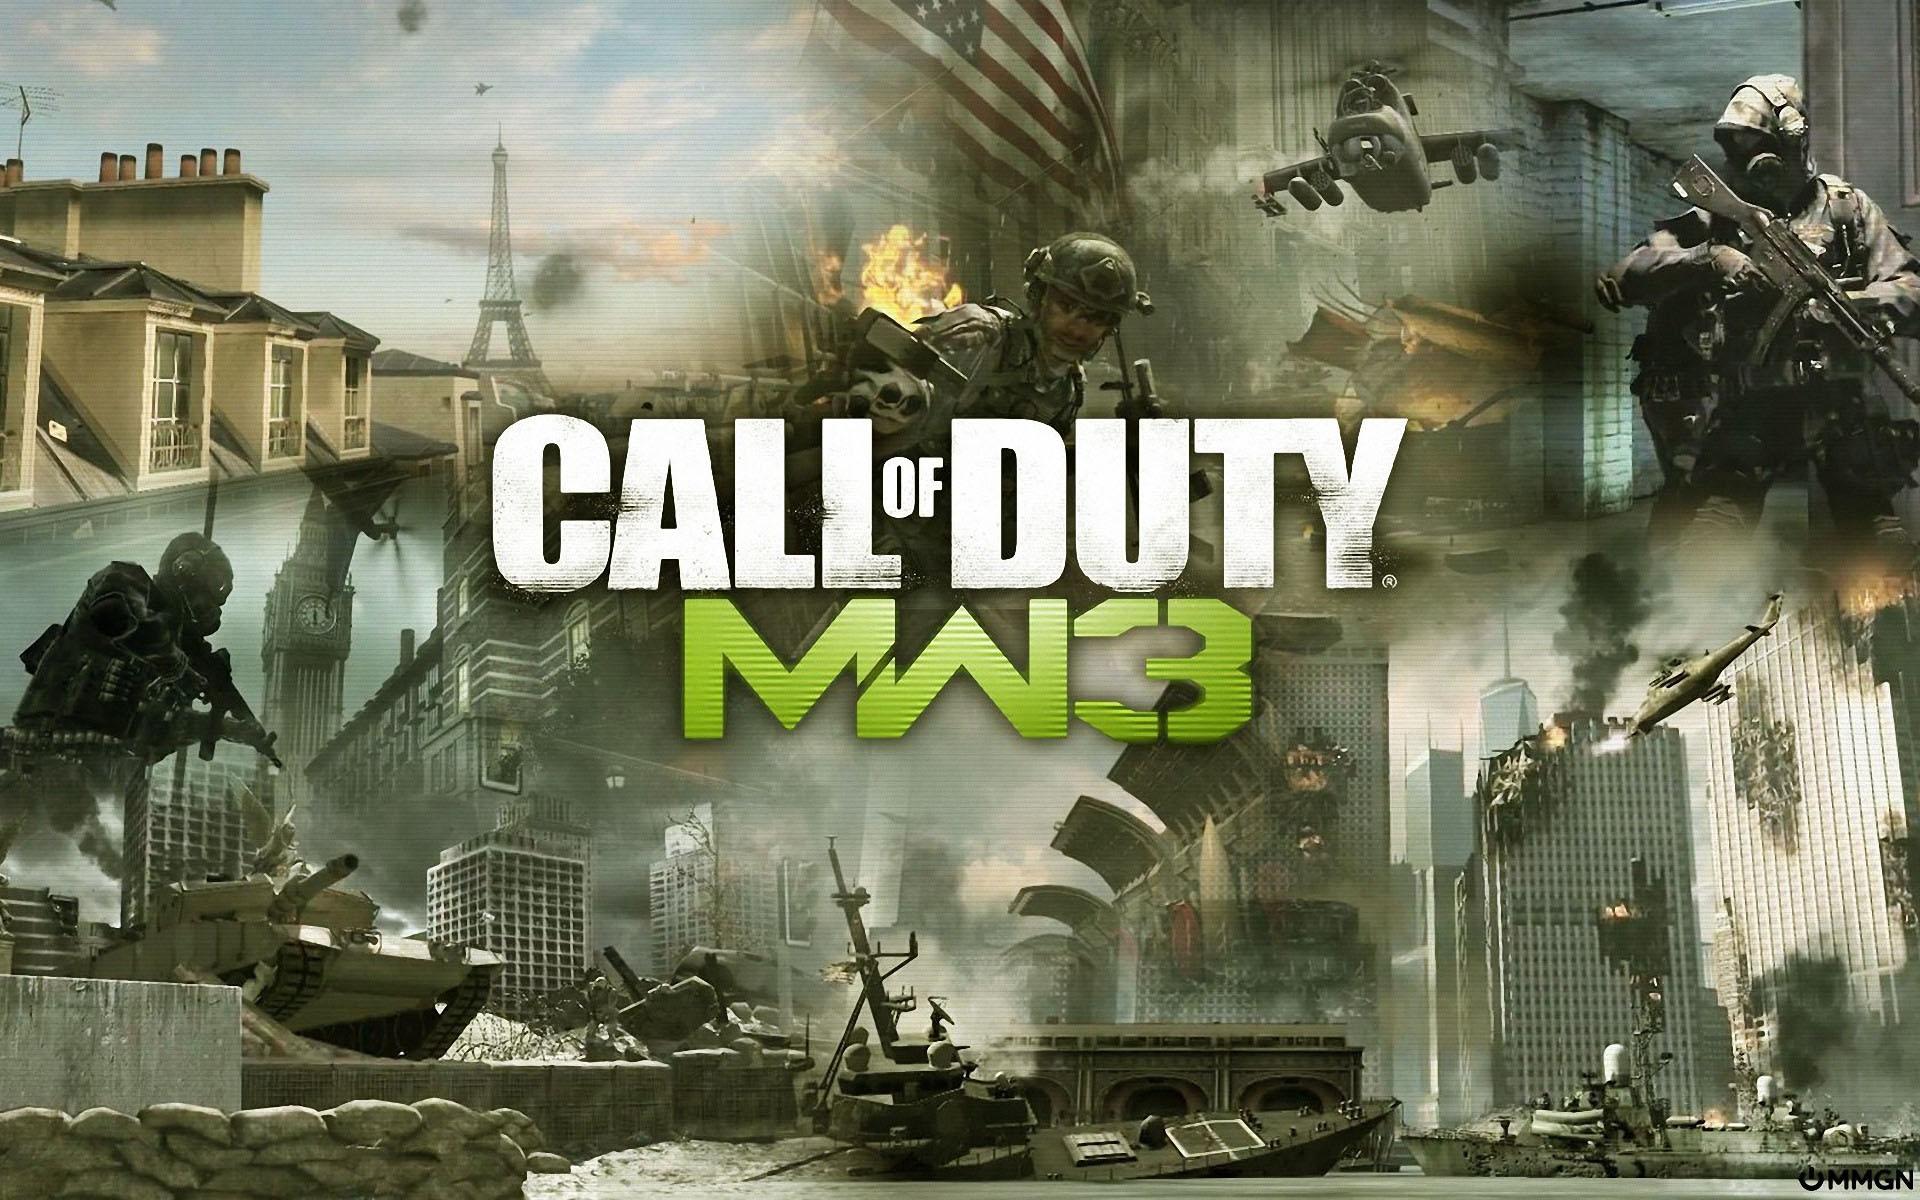 Call of Duty Modern Warfare 3 wallpaper 7 WallpapersBQ 1920x1200